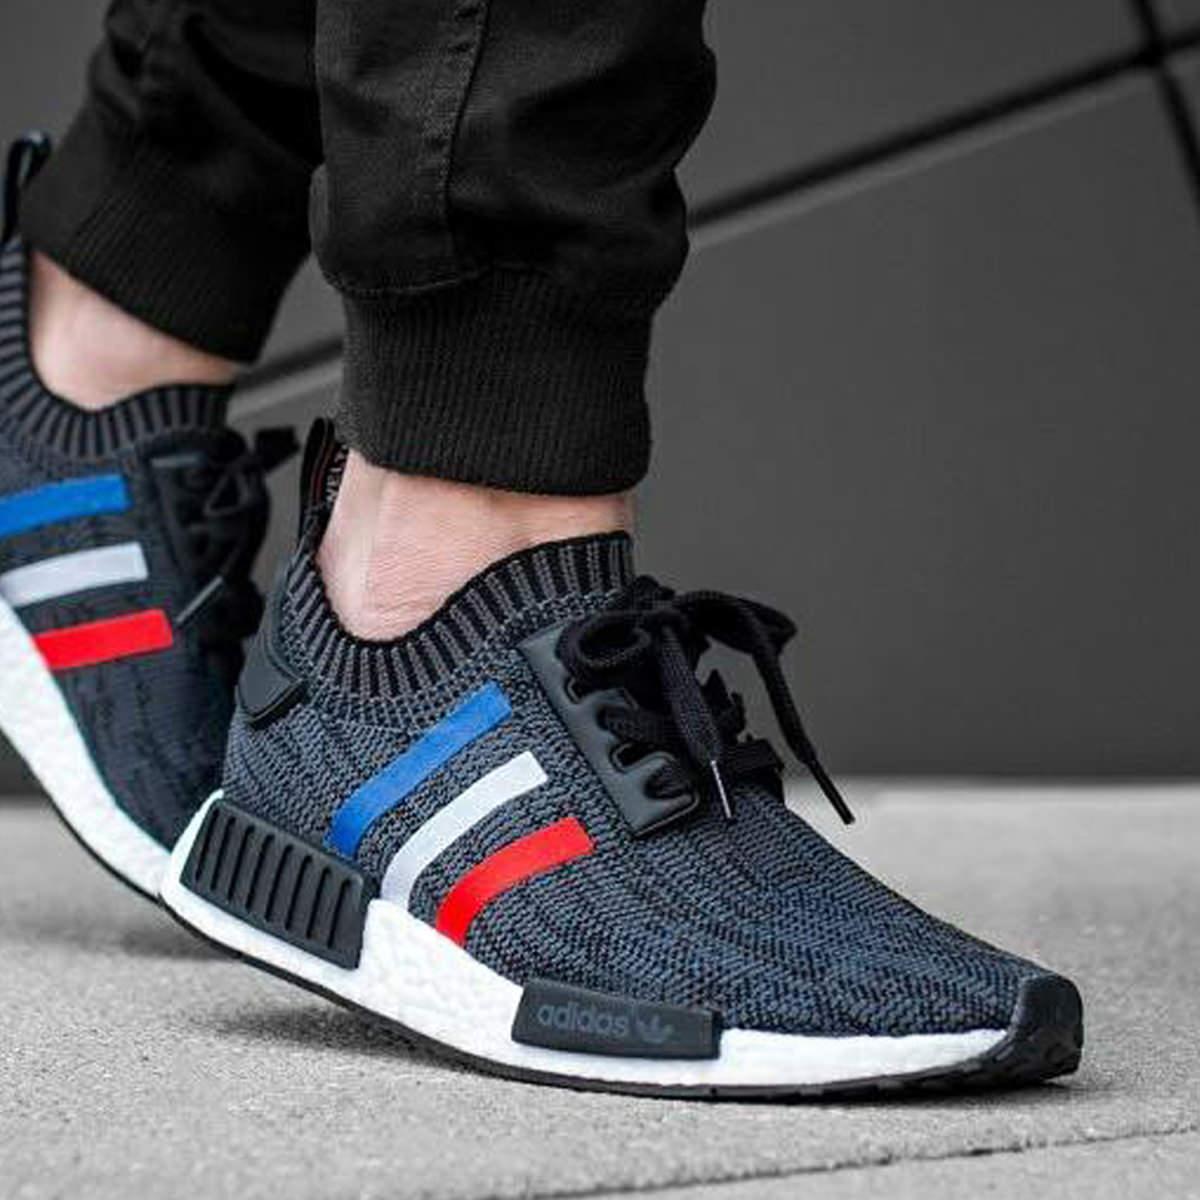 adidas NMD R1 Tri Color Stripes Black